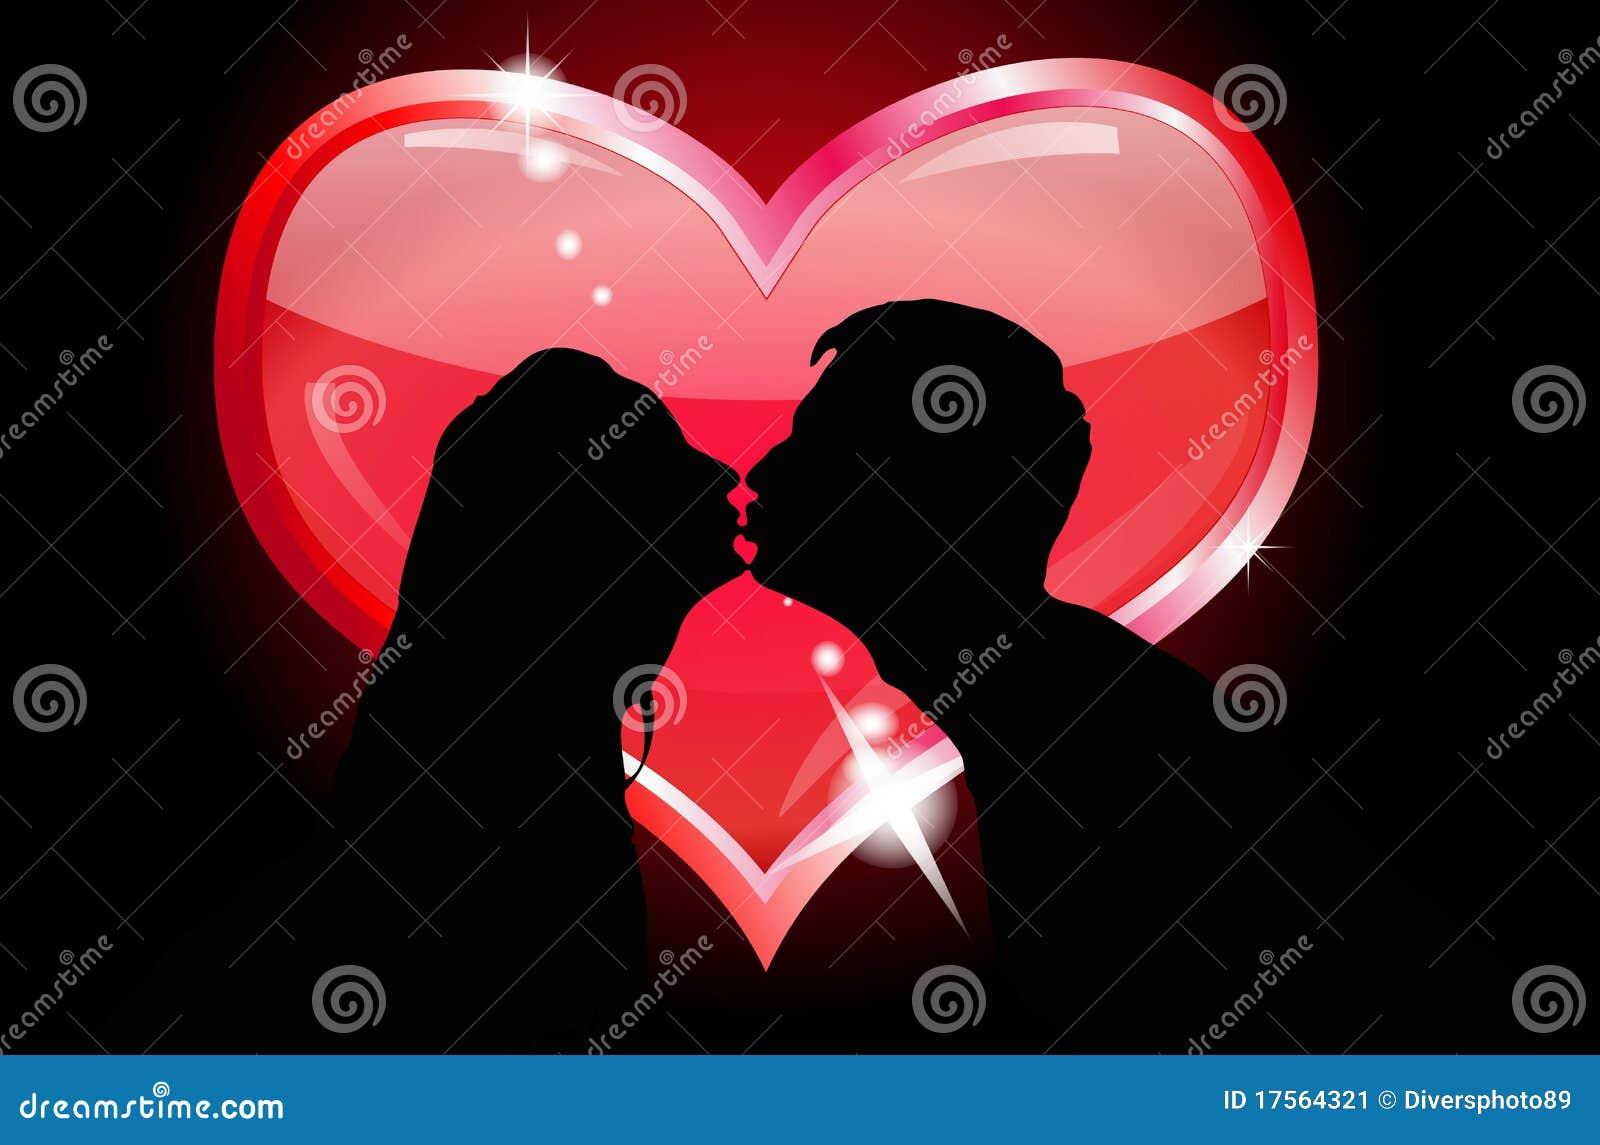 Baiser Amoureux silhouettes des baisers d'amoureux illustration de vecteur